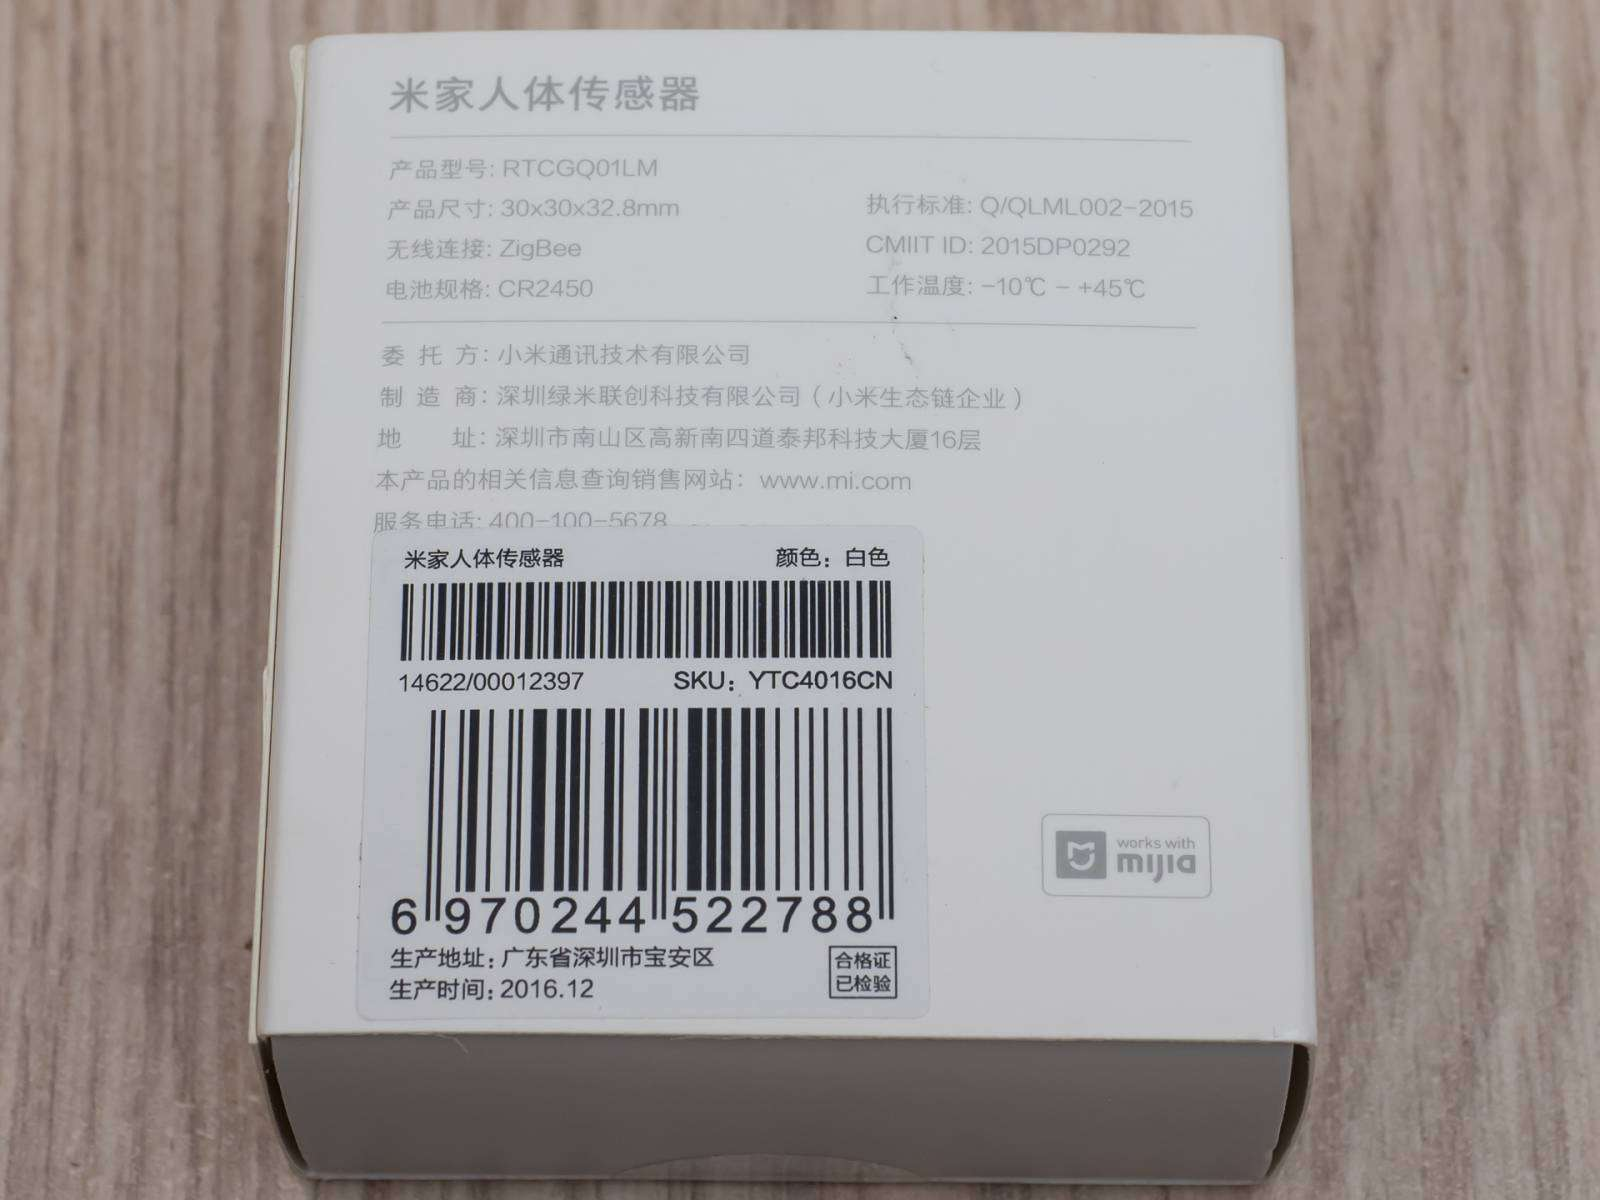 GearBest: Беспроводный датчик движения для умного дома Xiaomi - сценарии, настройки